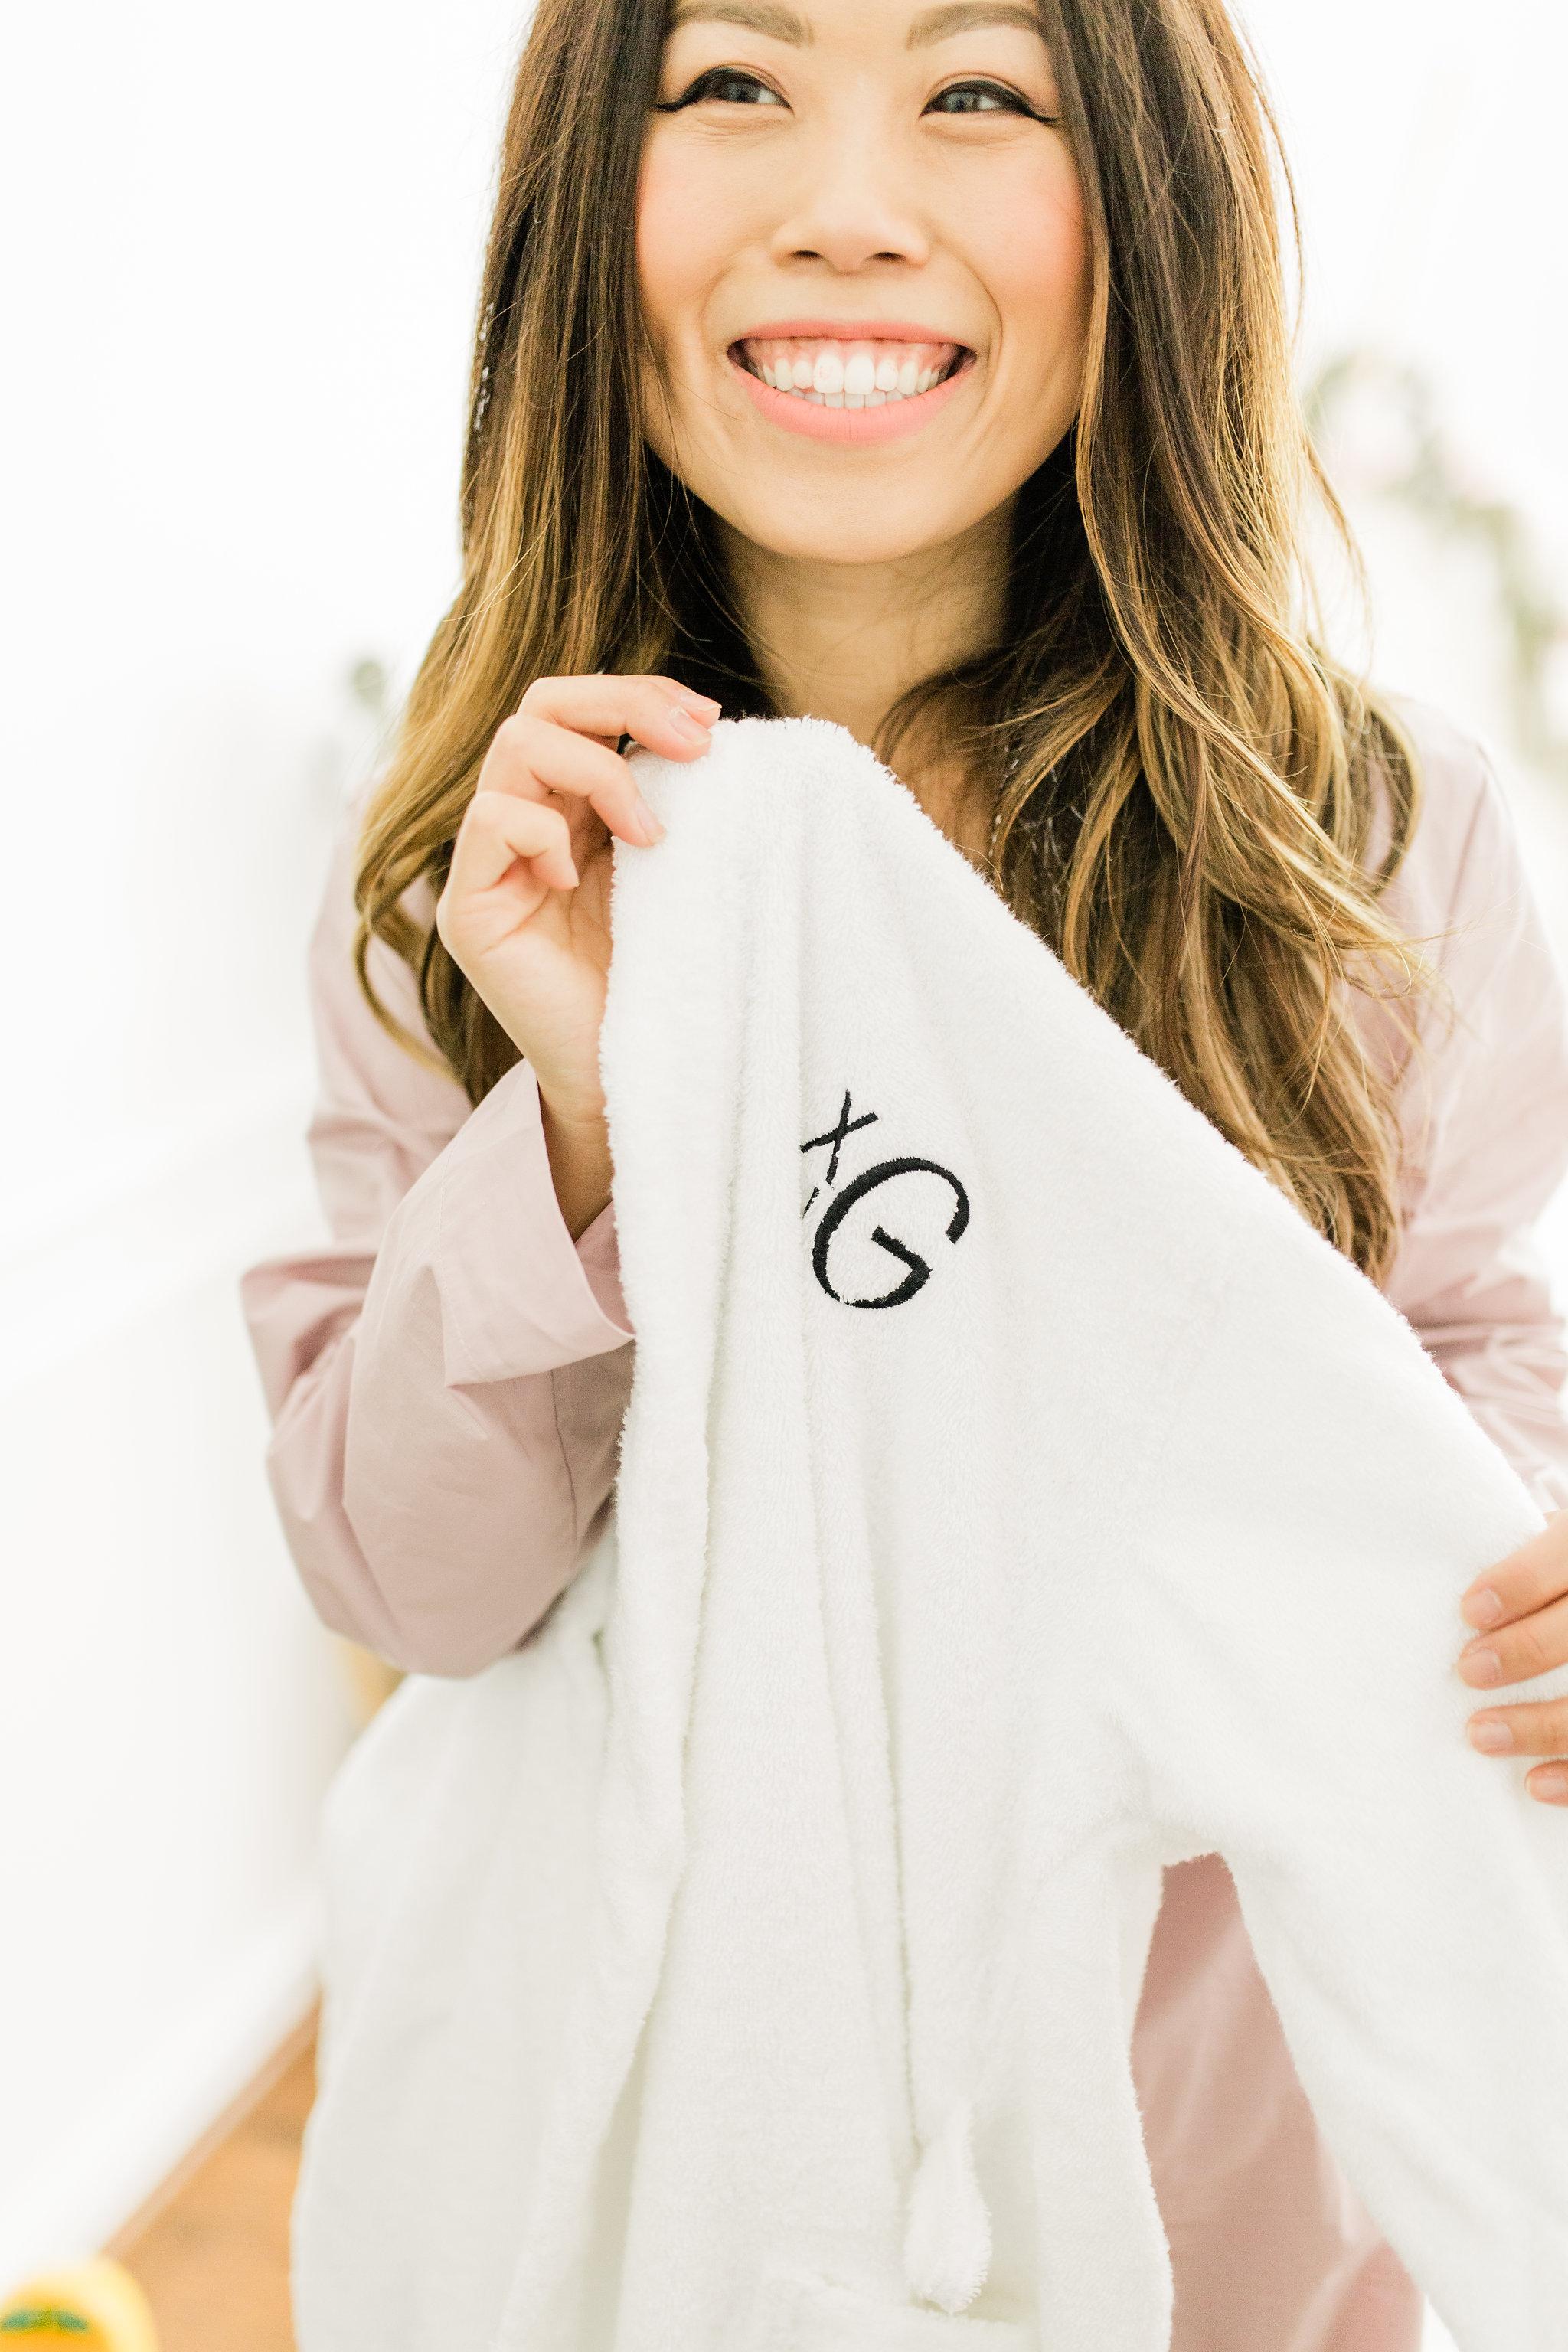 Joyfullygreen The Company Store Unisex White Fluffy Robe Monogramed Mother's Day Gift Idea.jpg